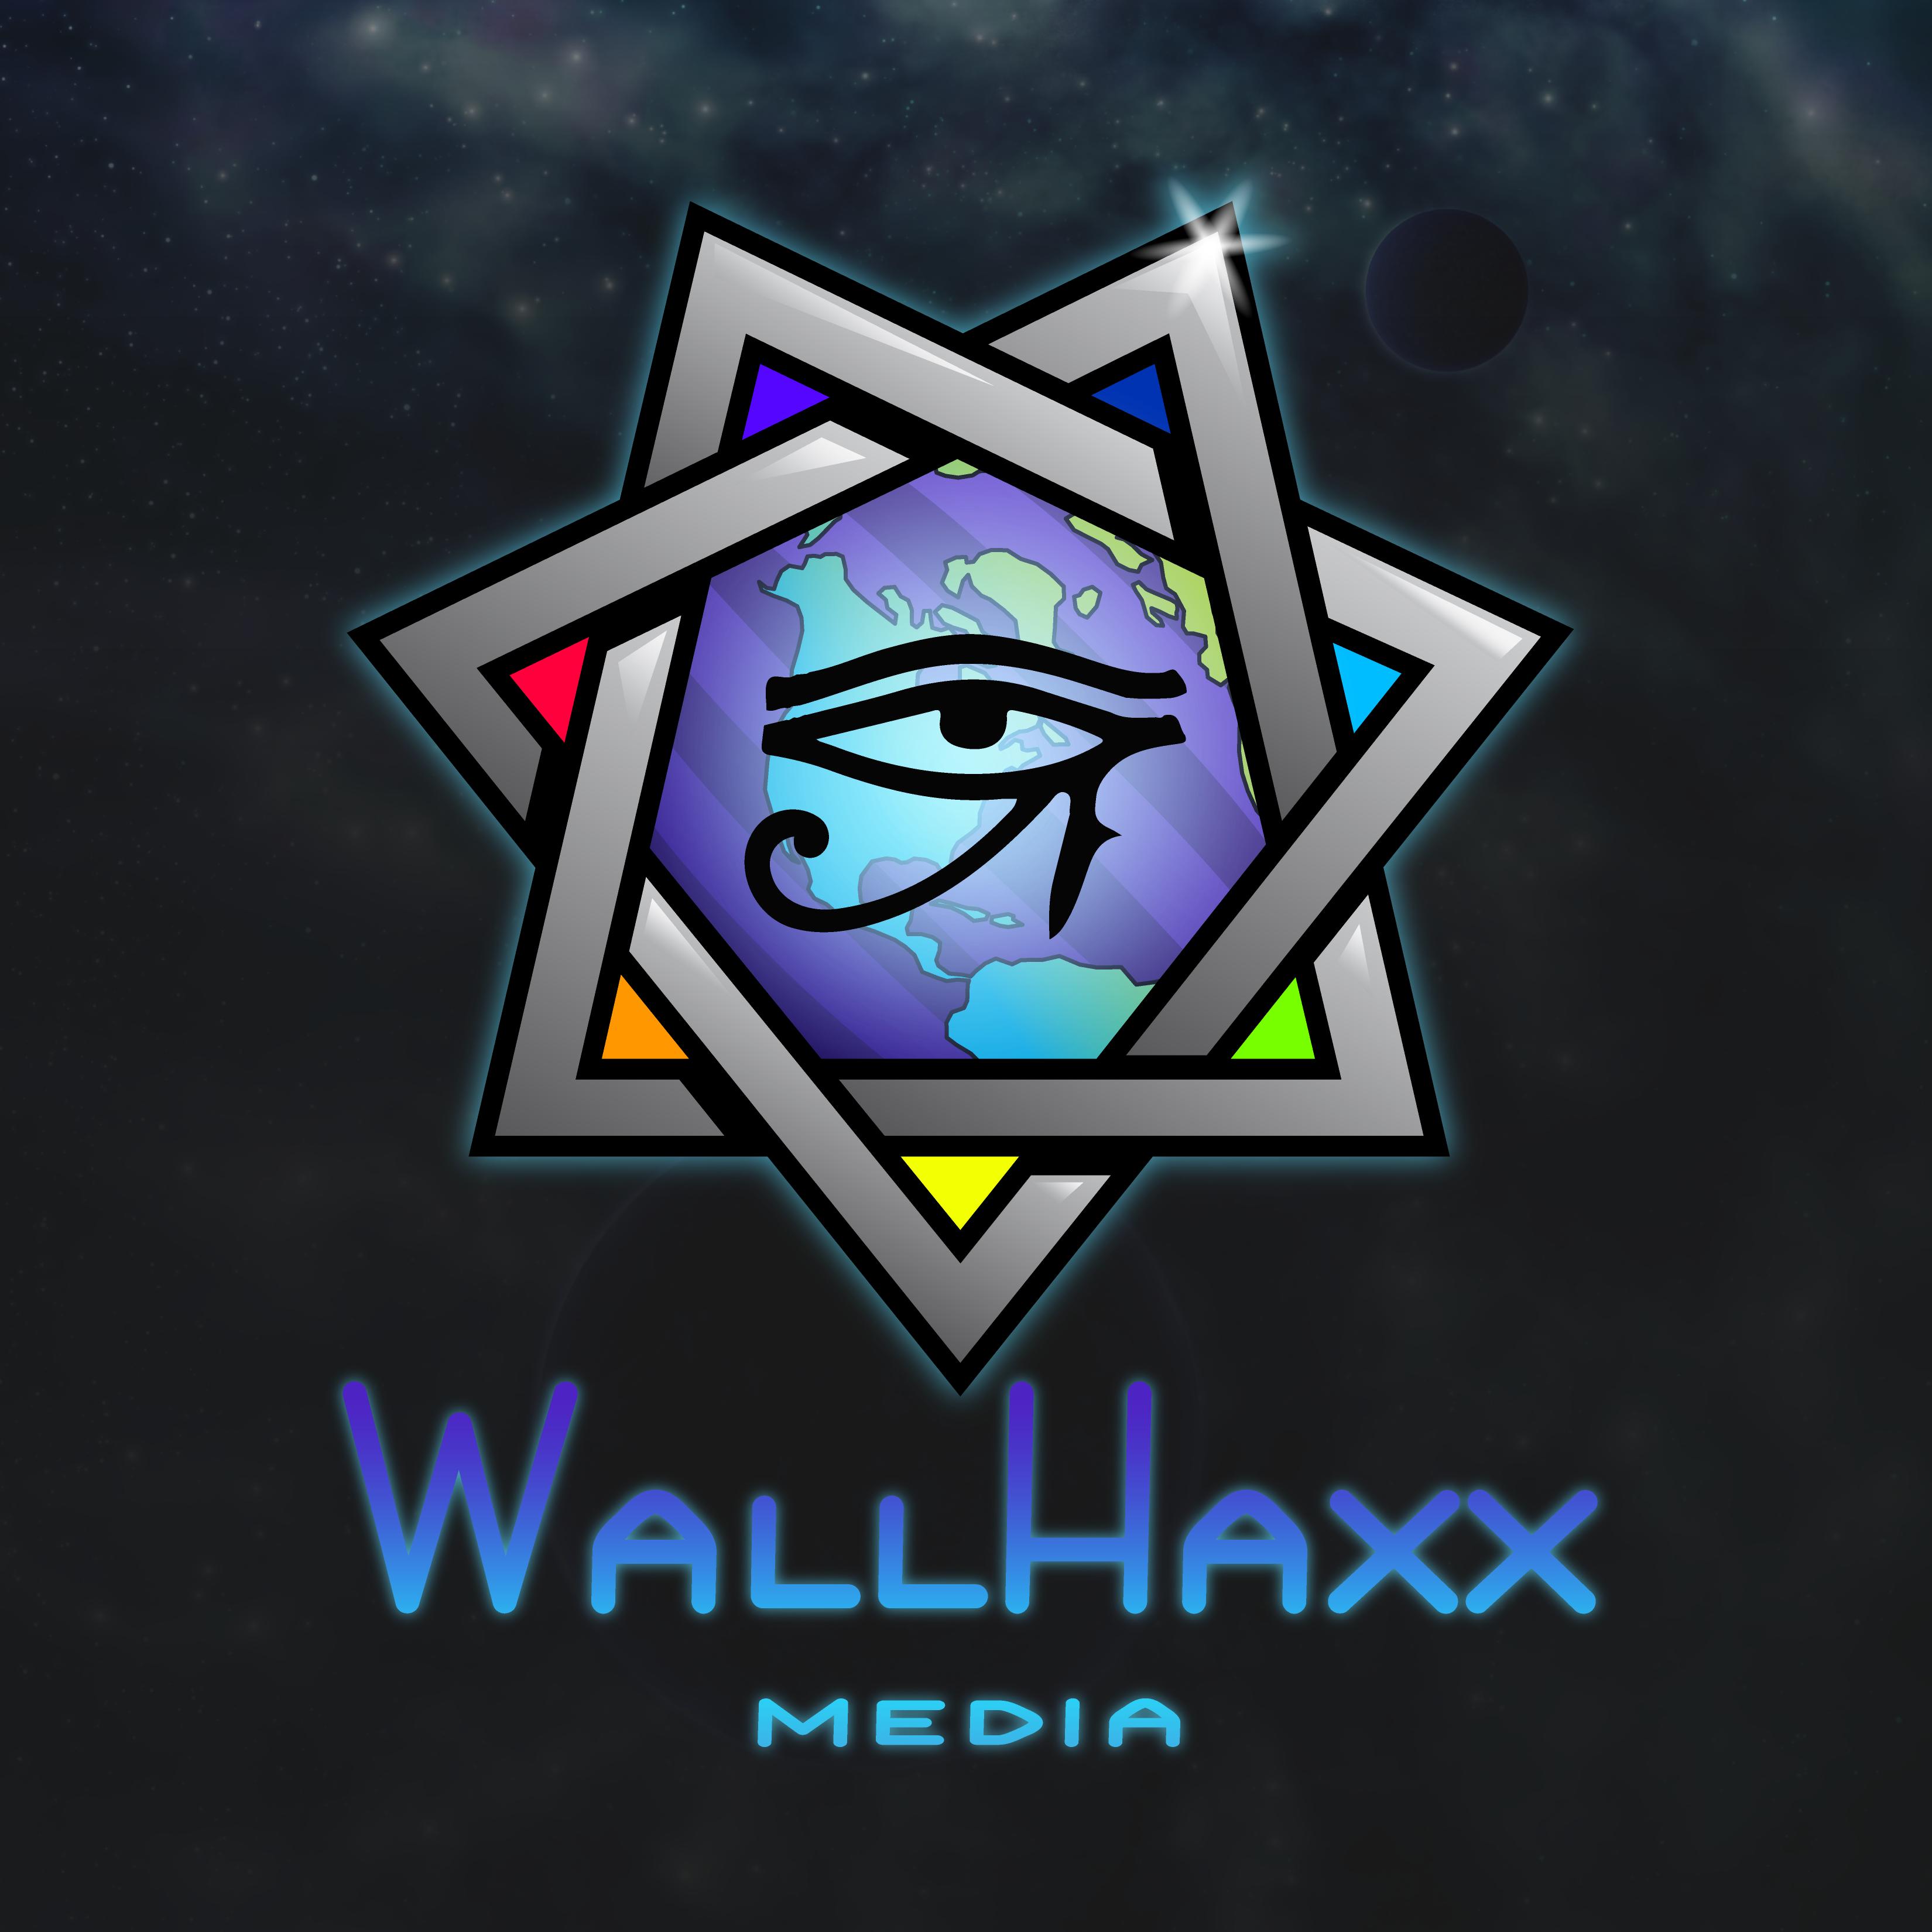 WallHaxx Media logo-01